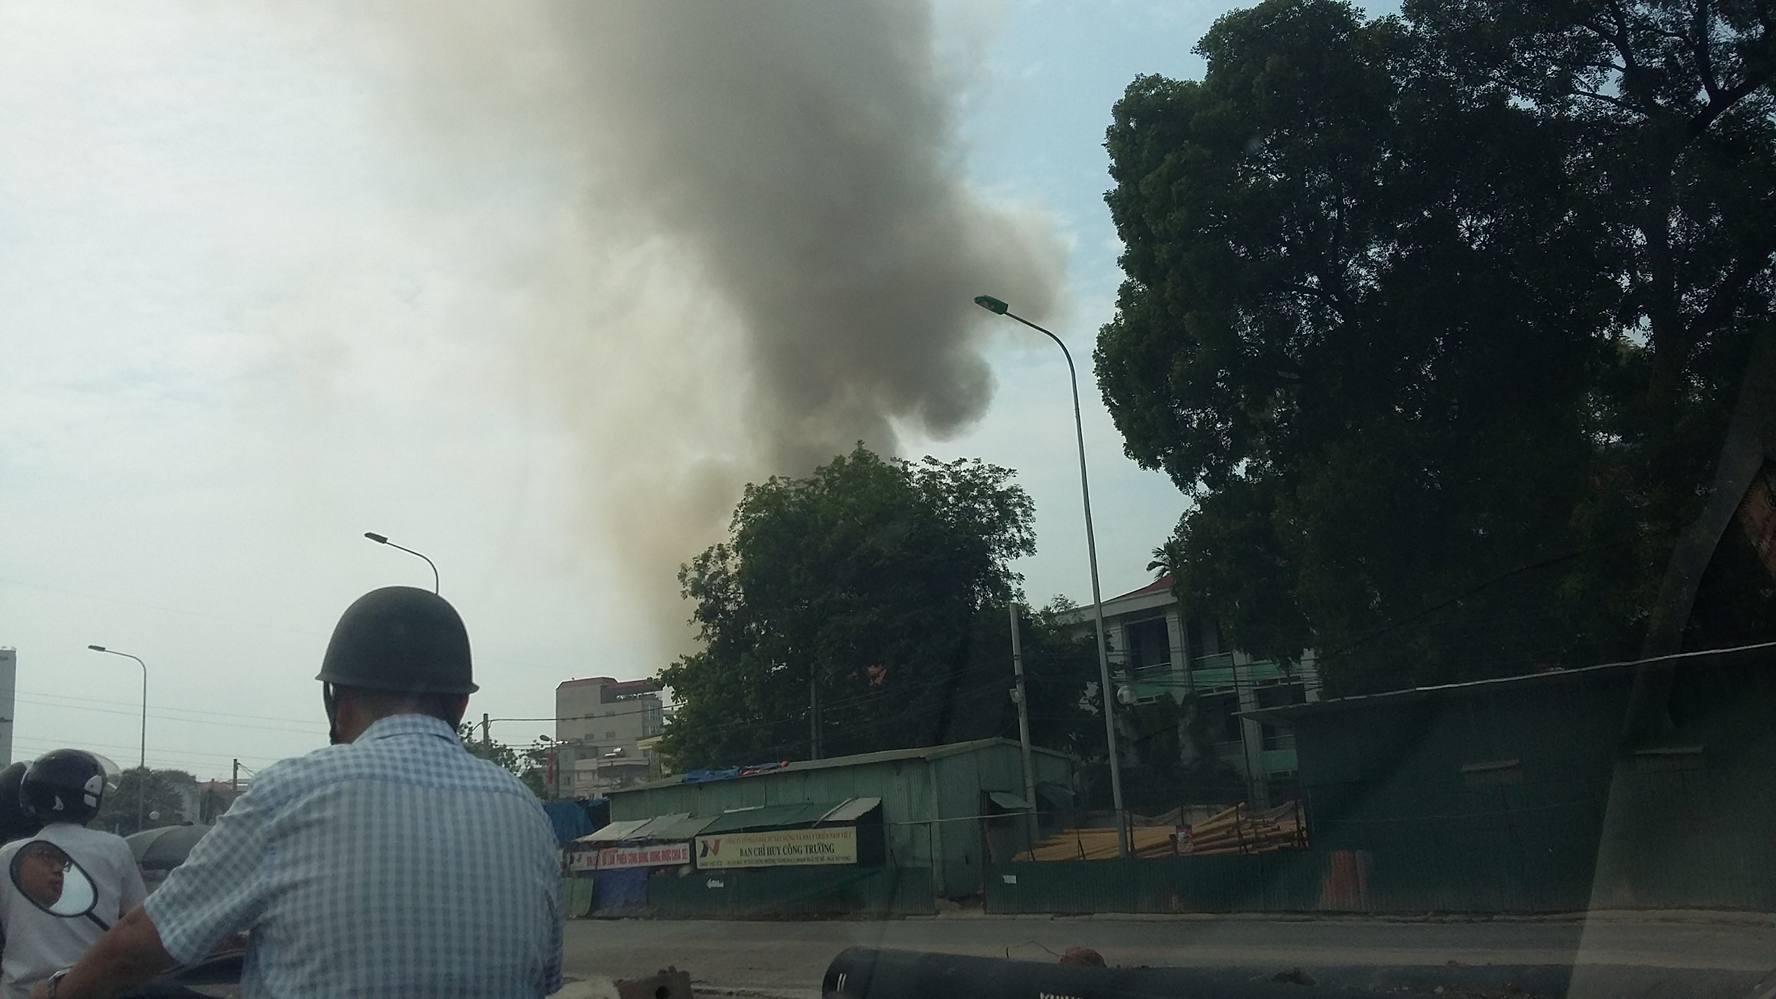 Hà Nội: Cháy lớn tại kho hàng ở 109 Trường Chinh 1